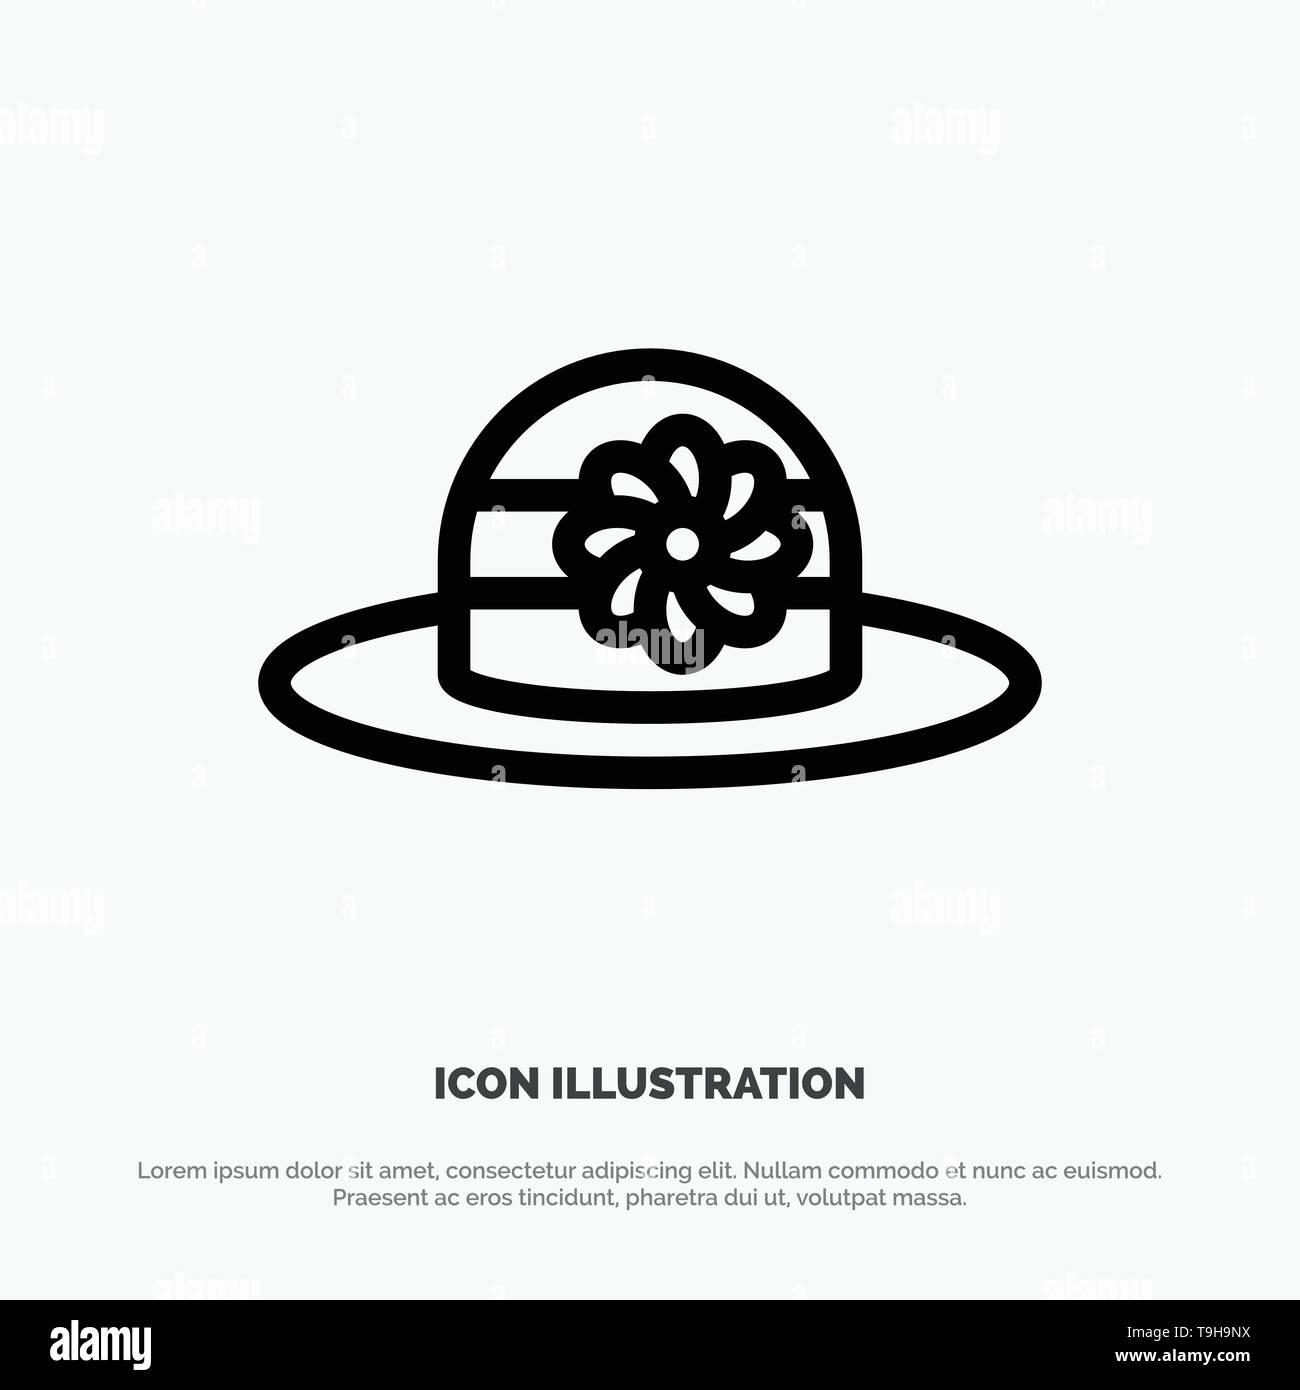 Beach, Hat, Cap Line Icon Vector - Stock Image